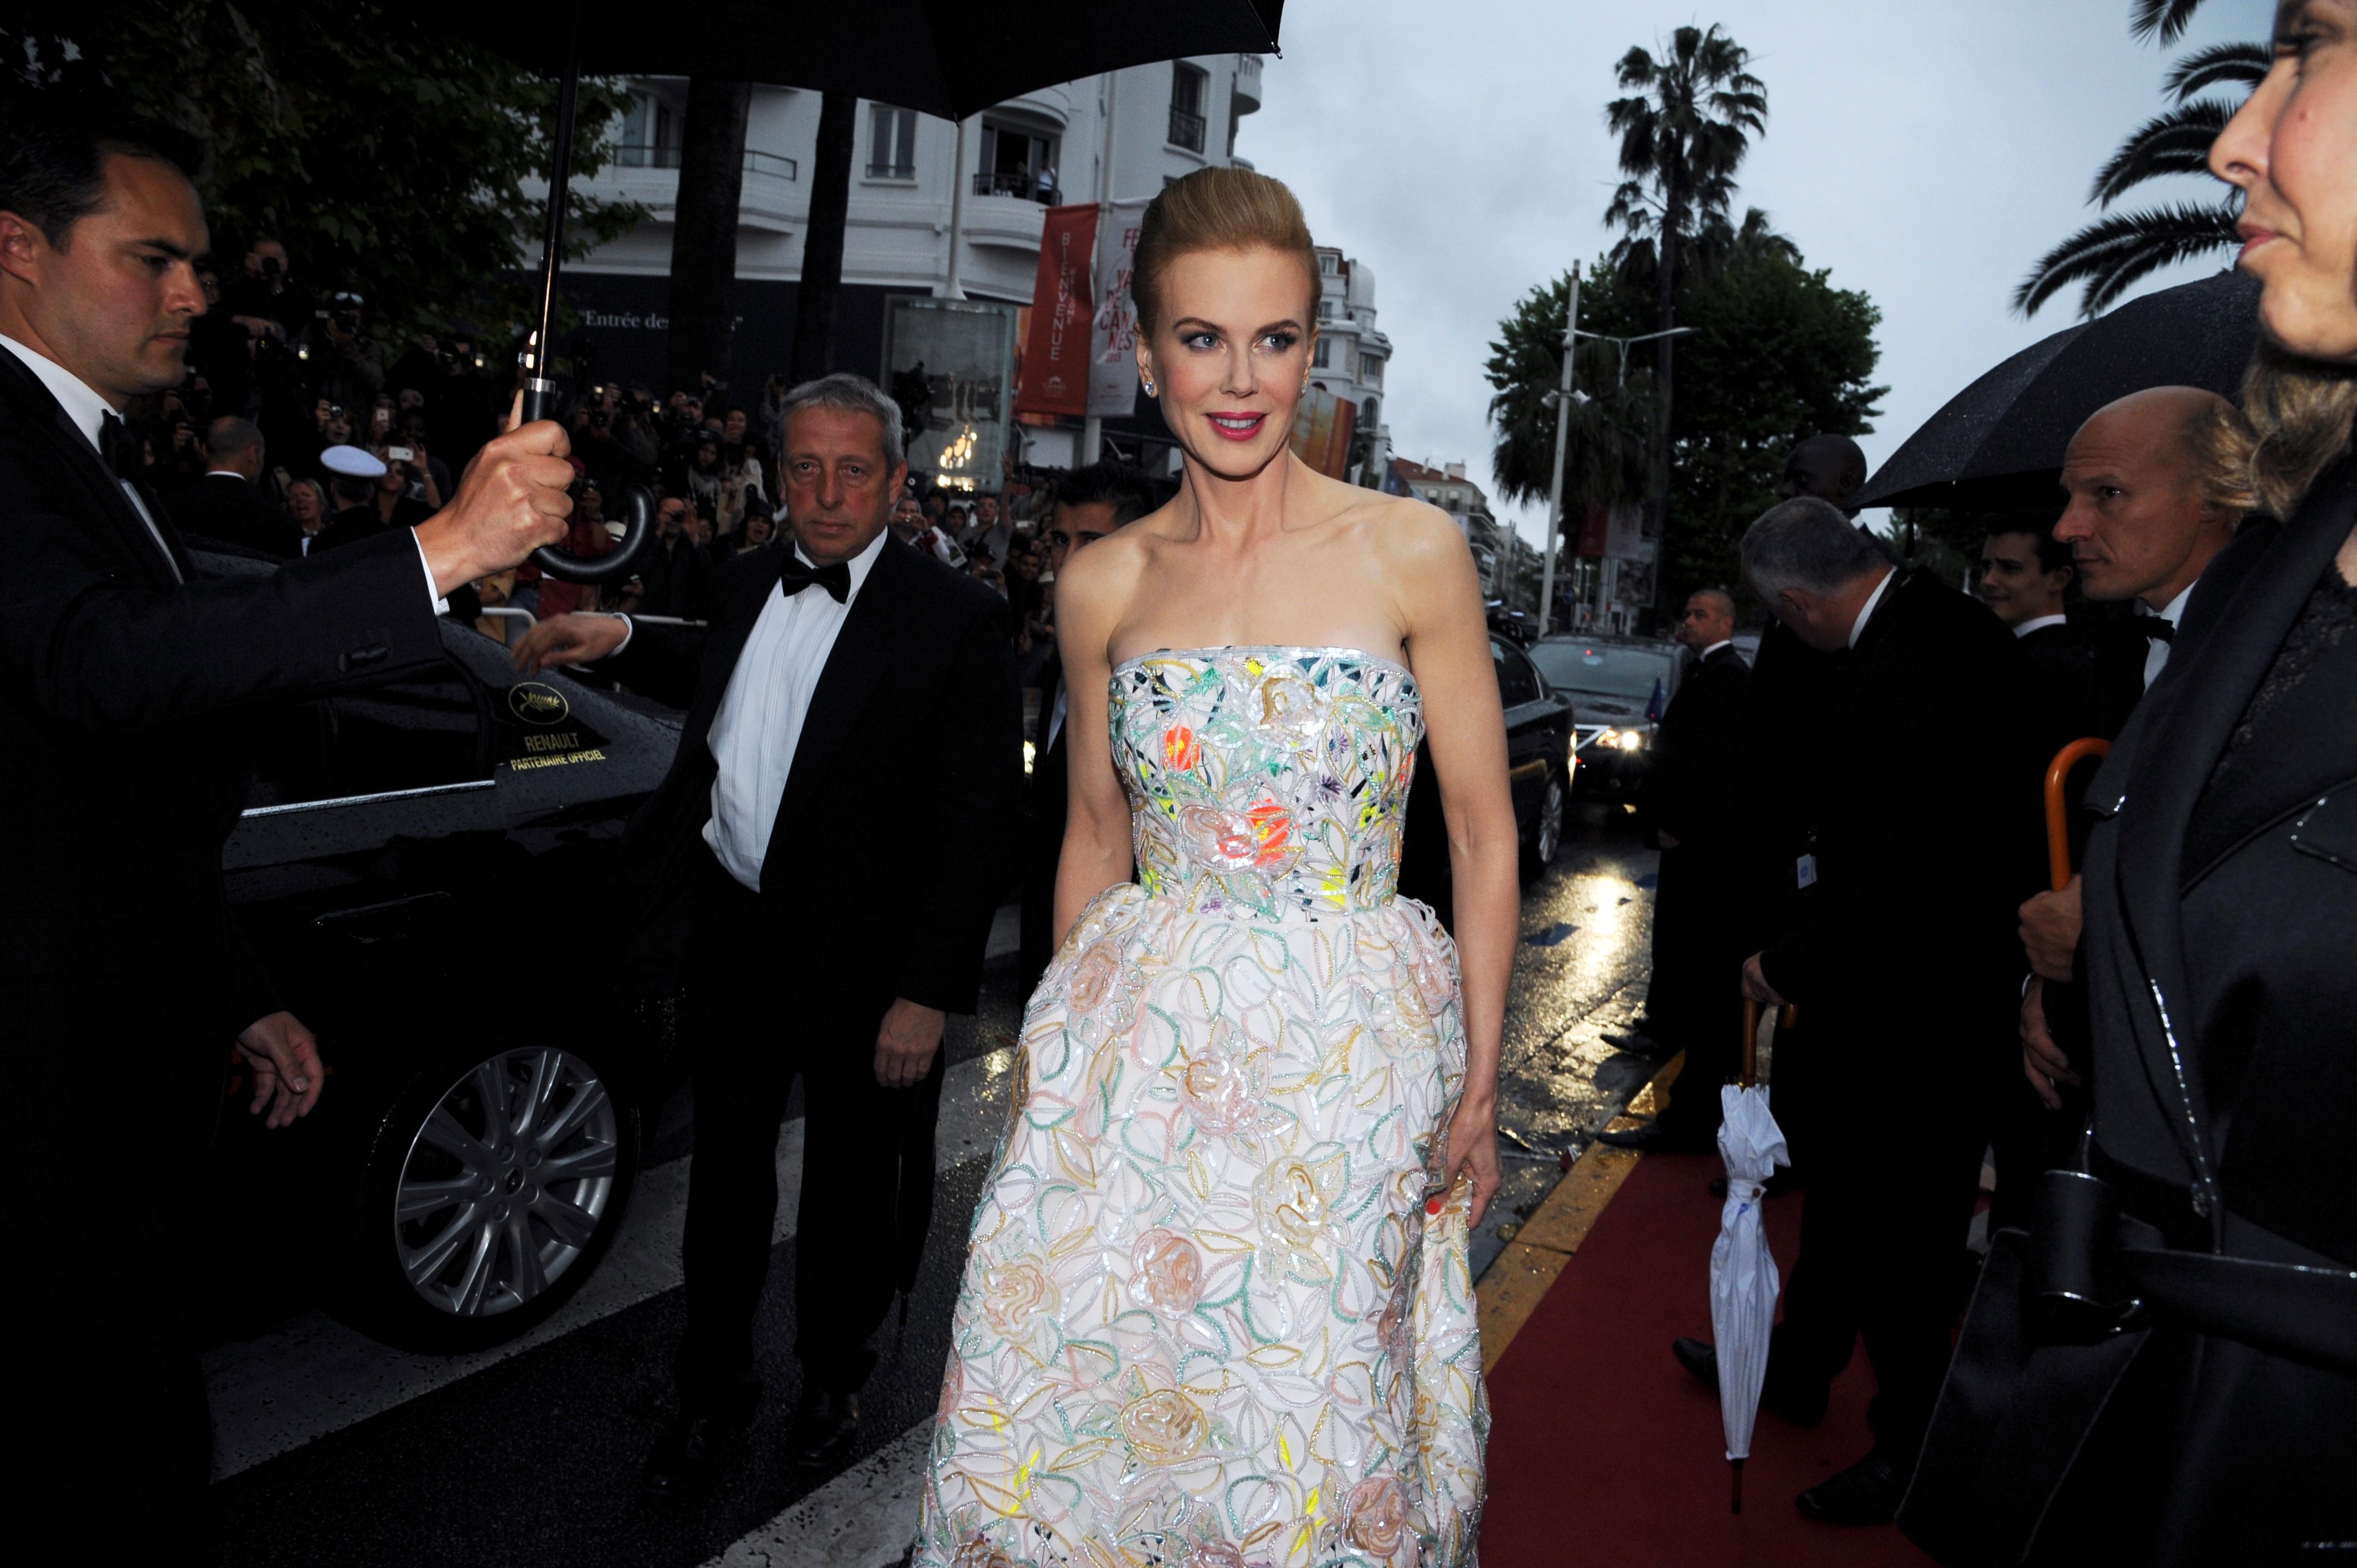 Nicole Kidman, festival de cannes 2013, festival de cannes, renault, partenaire, palme d'or, cannes 2013, la vie d'adèle